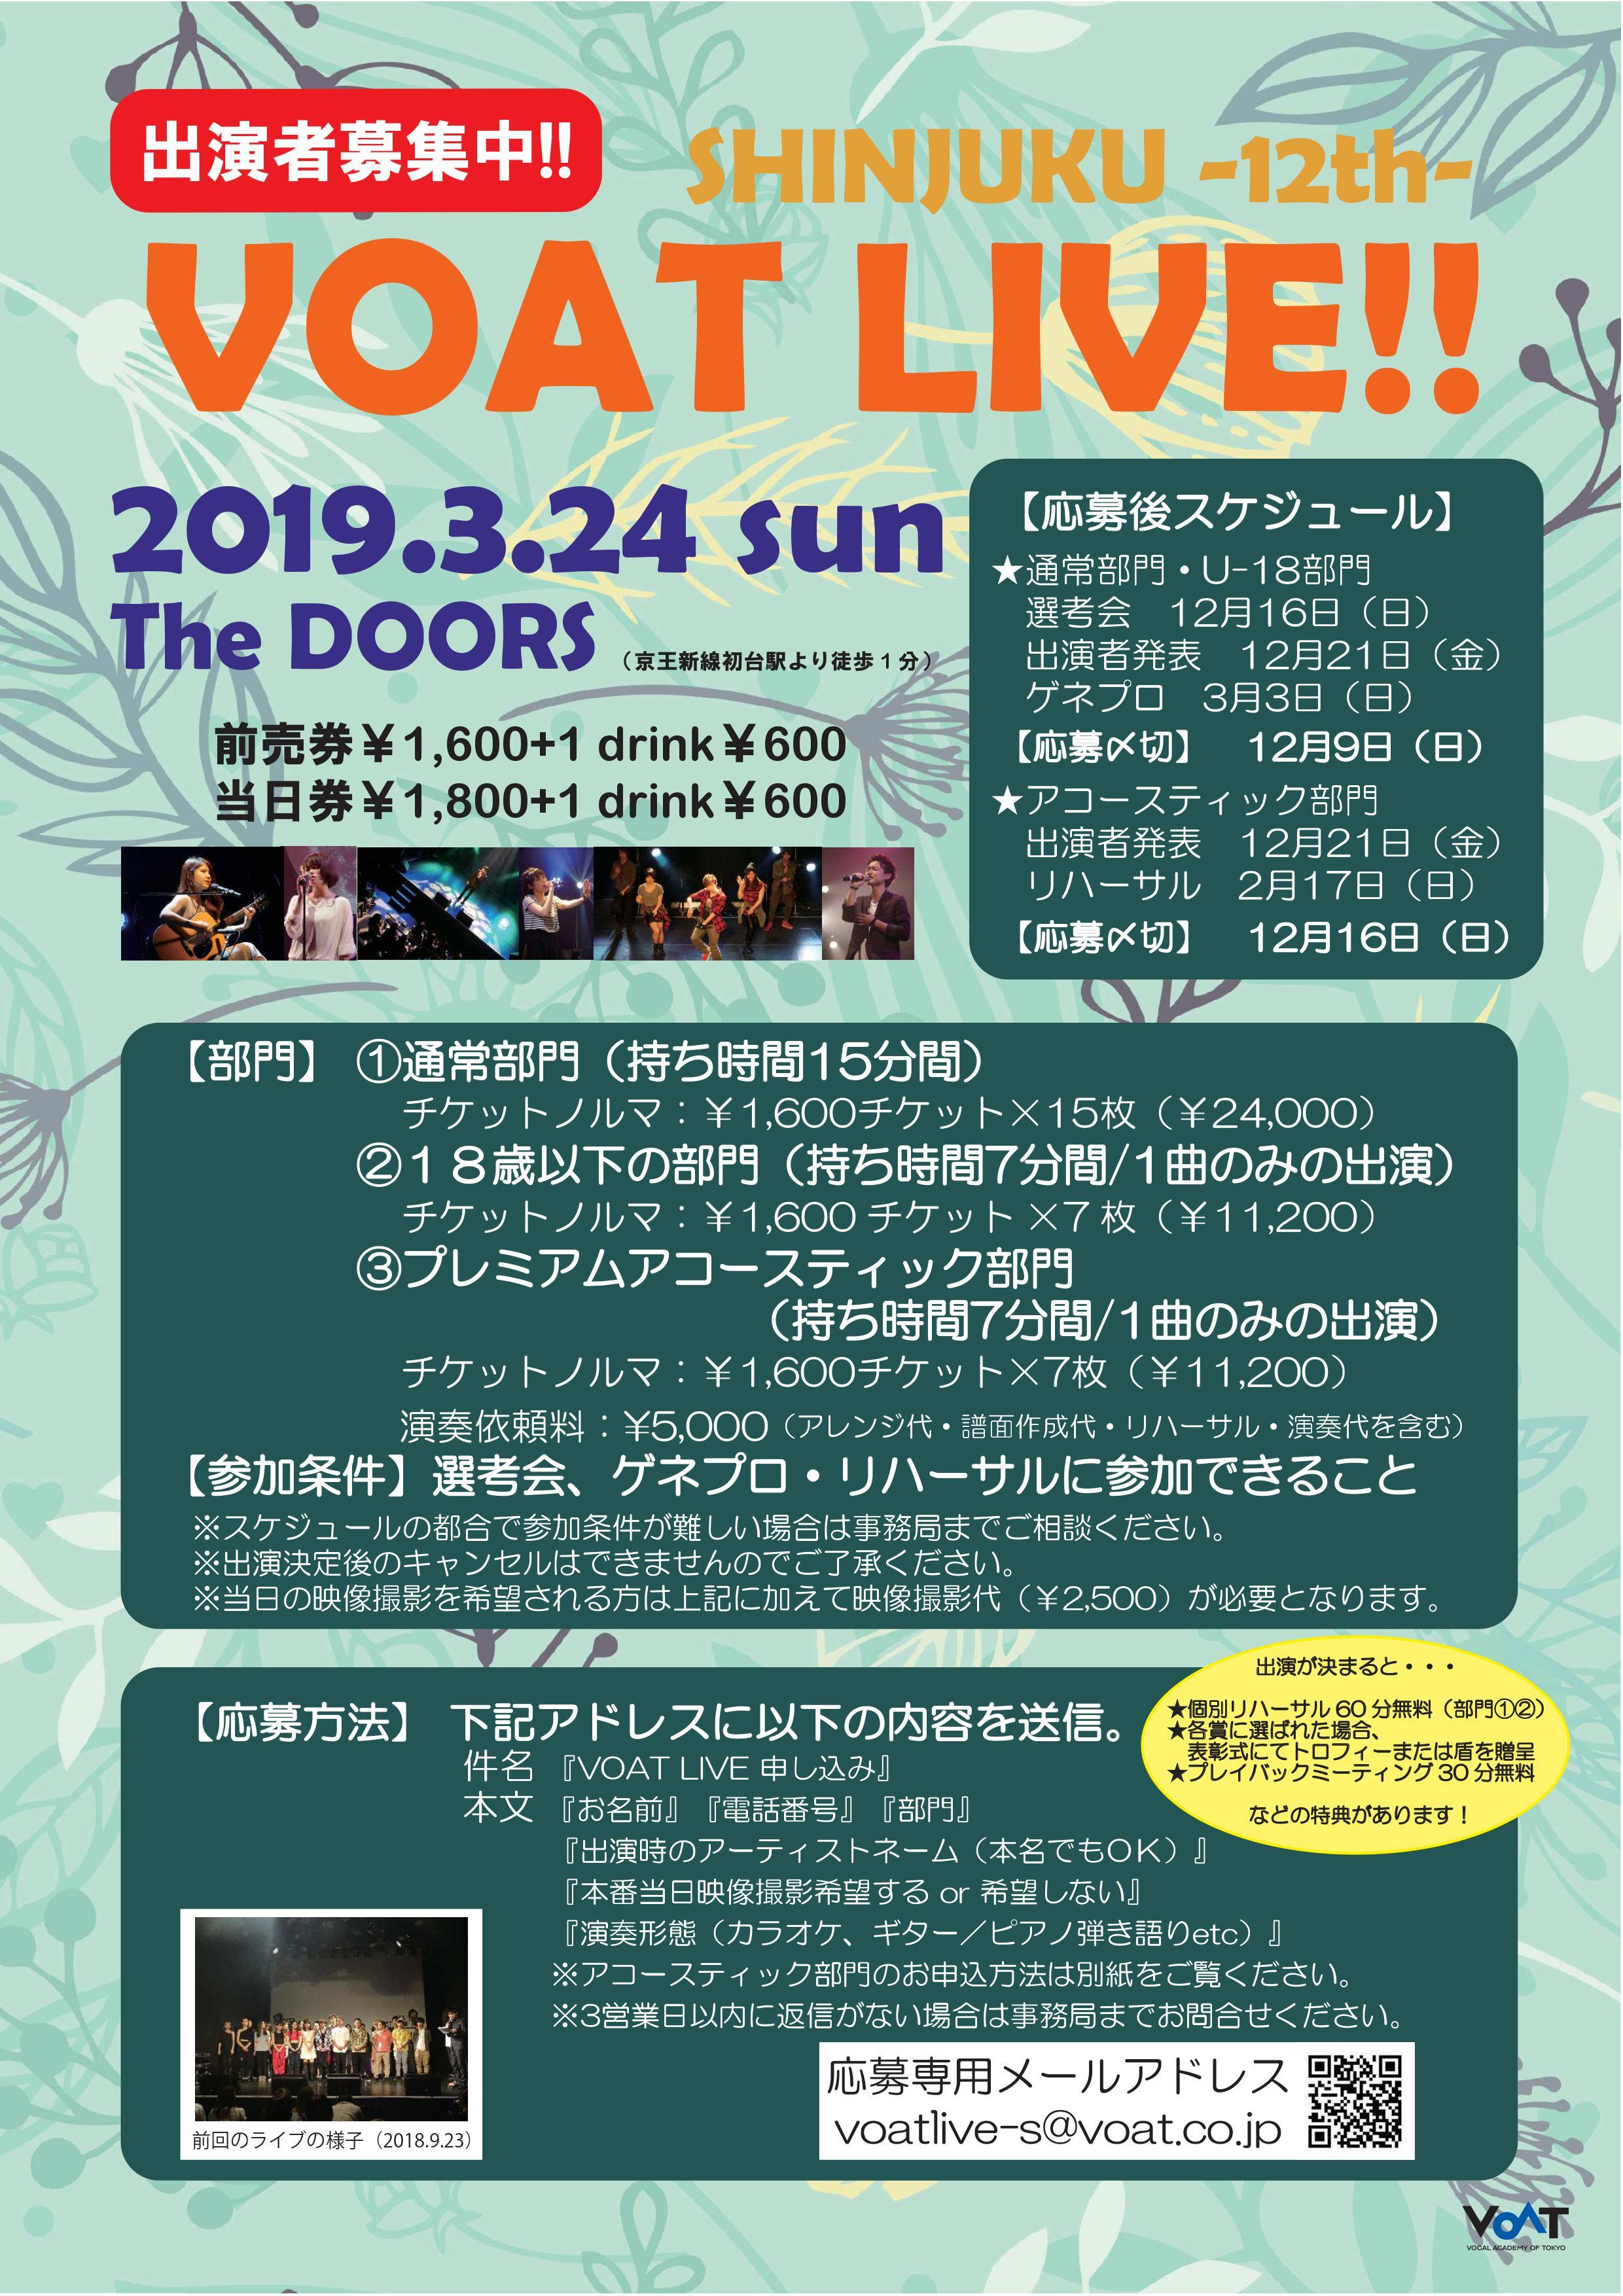 12th VOAT LIVE 告知POP_確定版.jpg